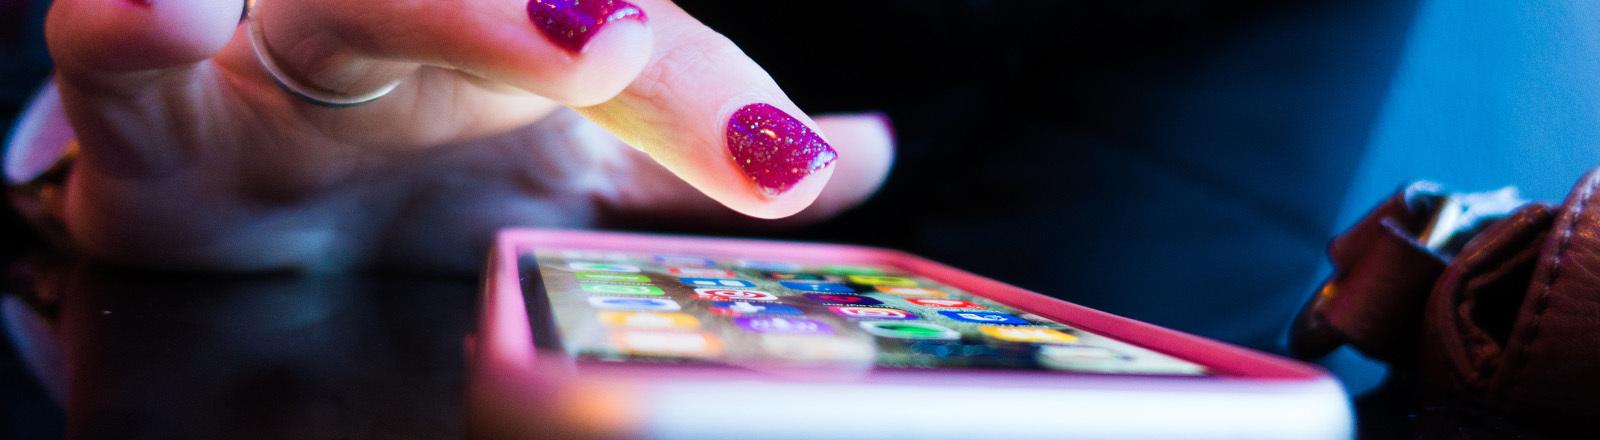 Social-Media-Apps auf Smartphone-Bildschirm